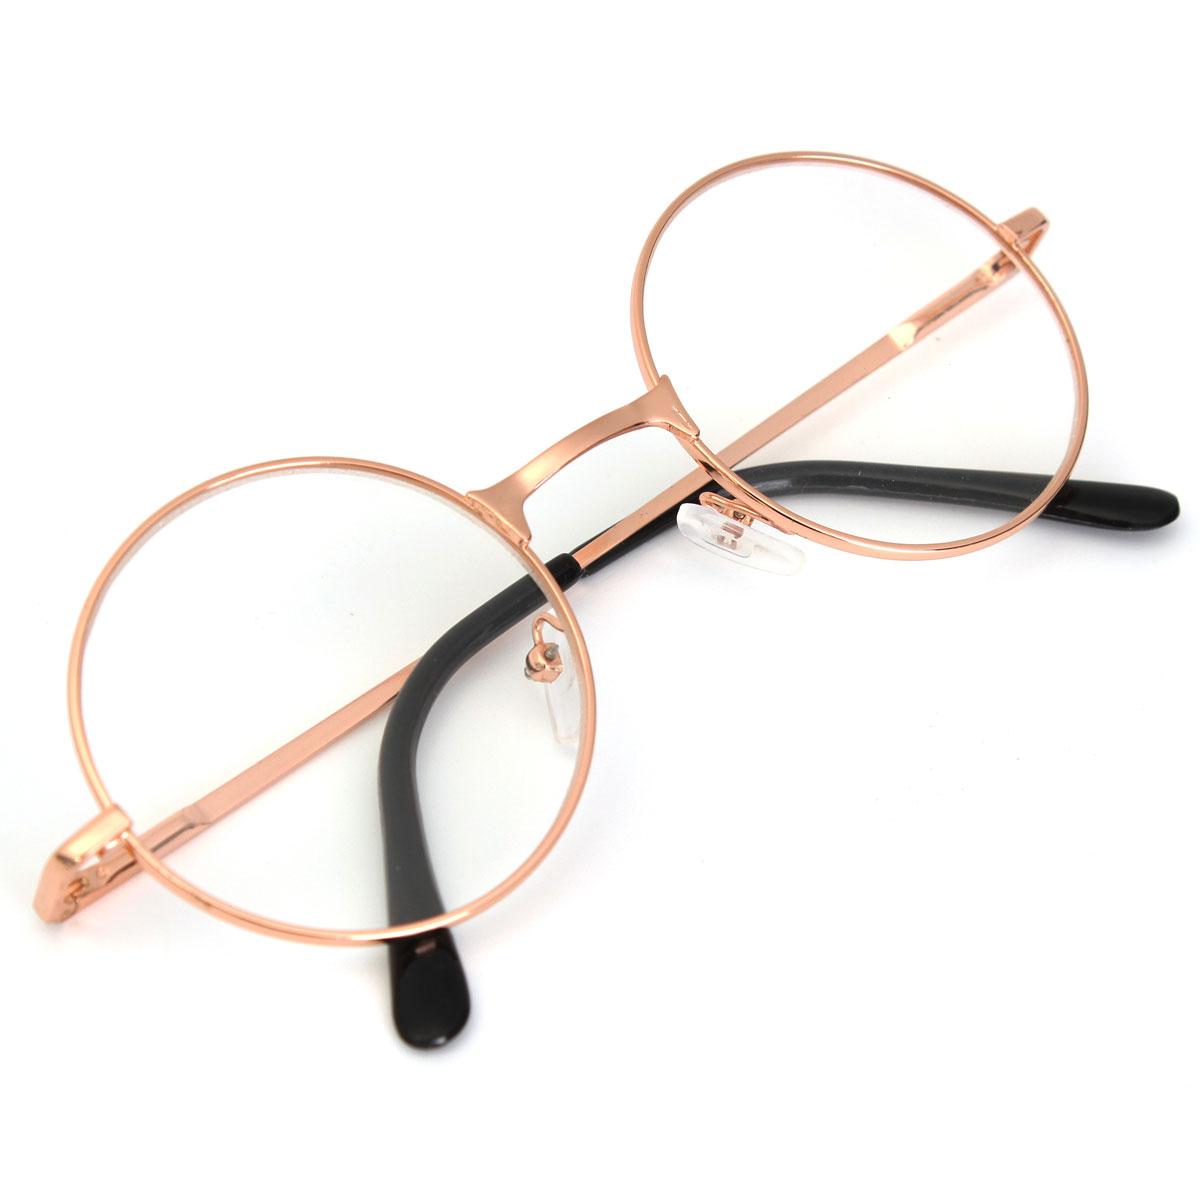 Vintage Round Oval Metal Rim Frame Reading Glasses Reader ...